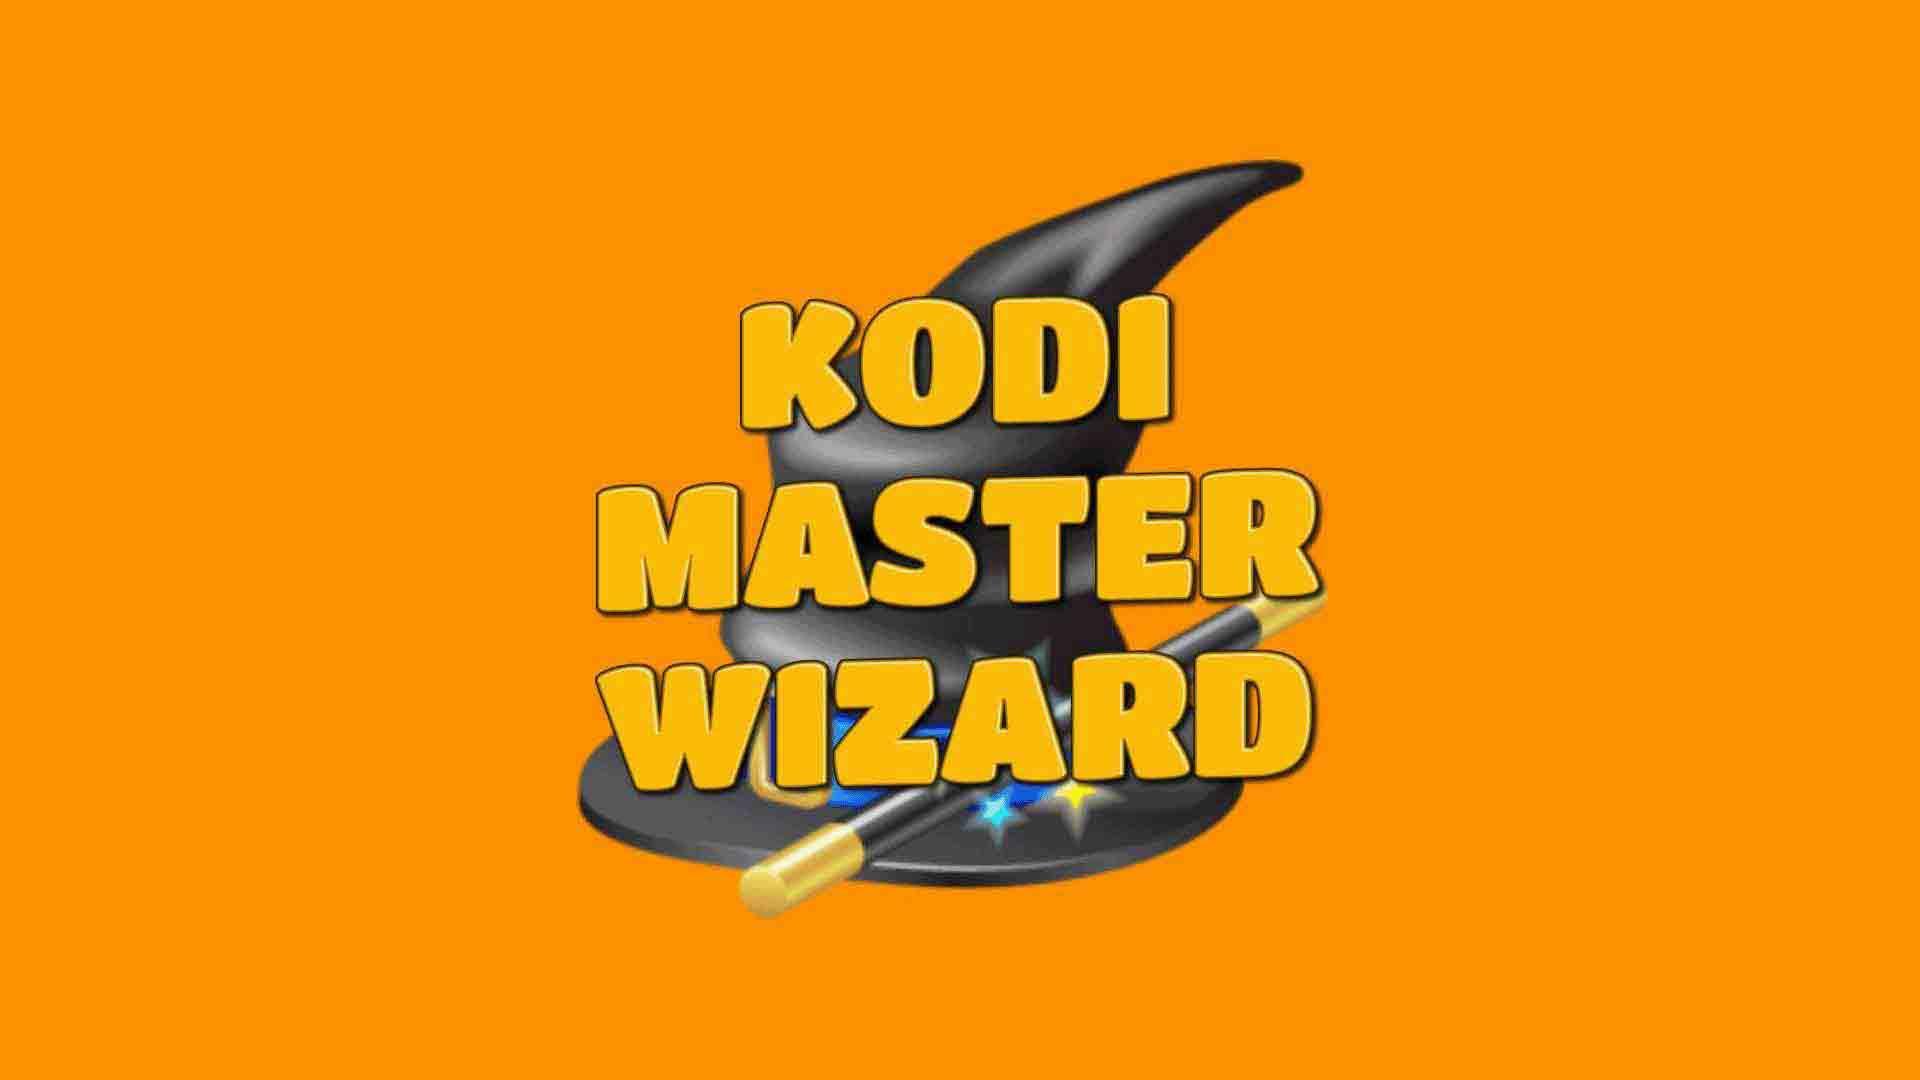 kodimaster kodi wizard